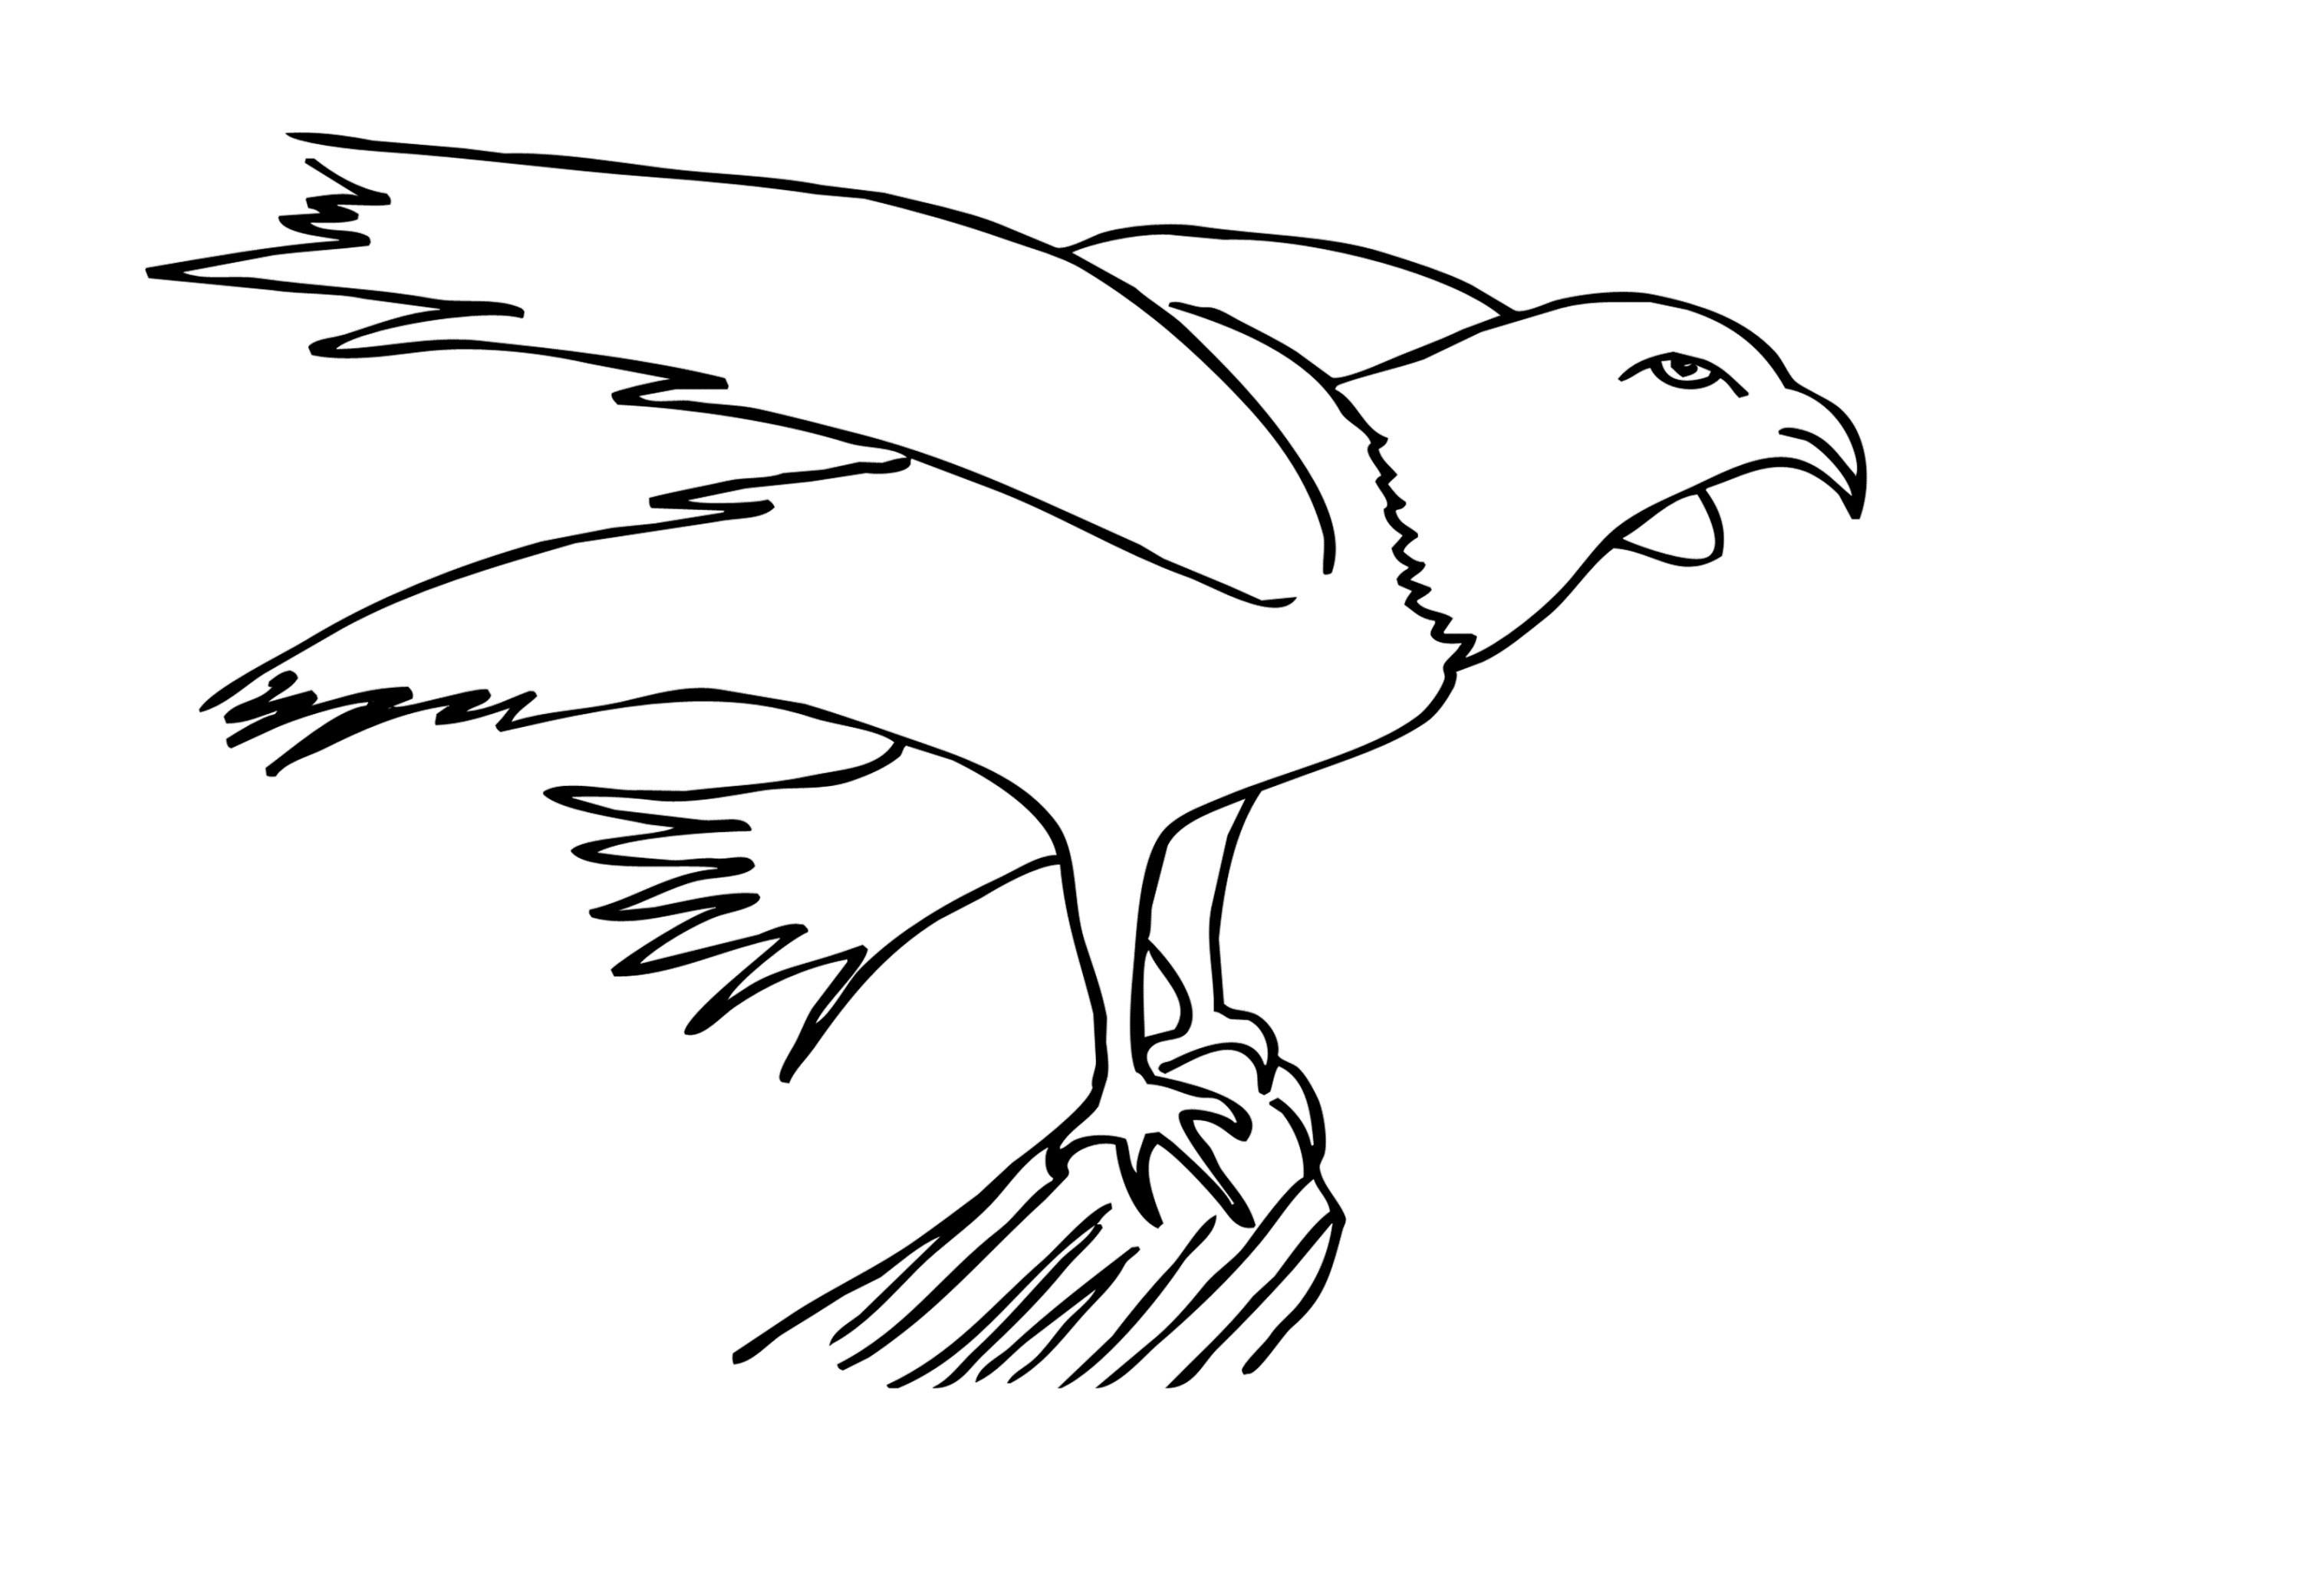 Adler Zeichnungen Zum Ausmalen Einzigartig Adler Ausmalbilder Für Kinder Gratis Einzigartig Ausmalbilder Adler Bild